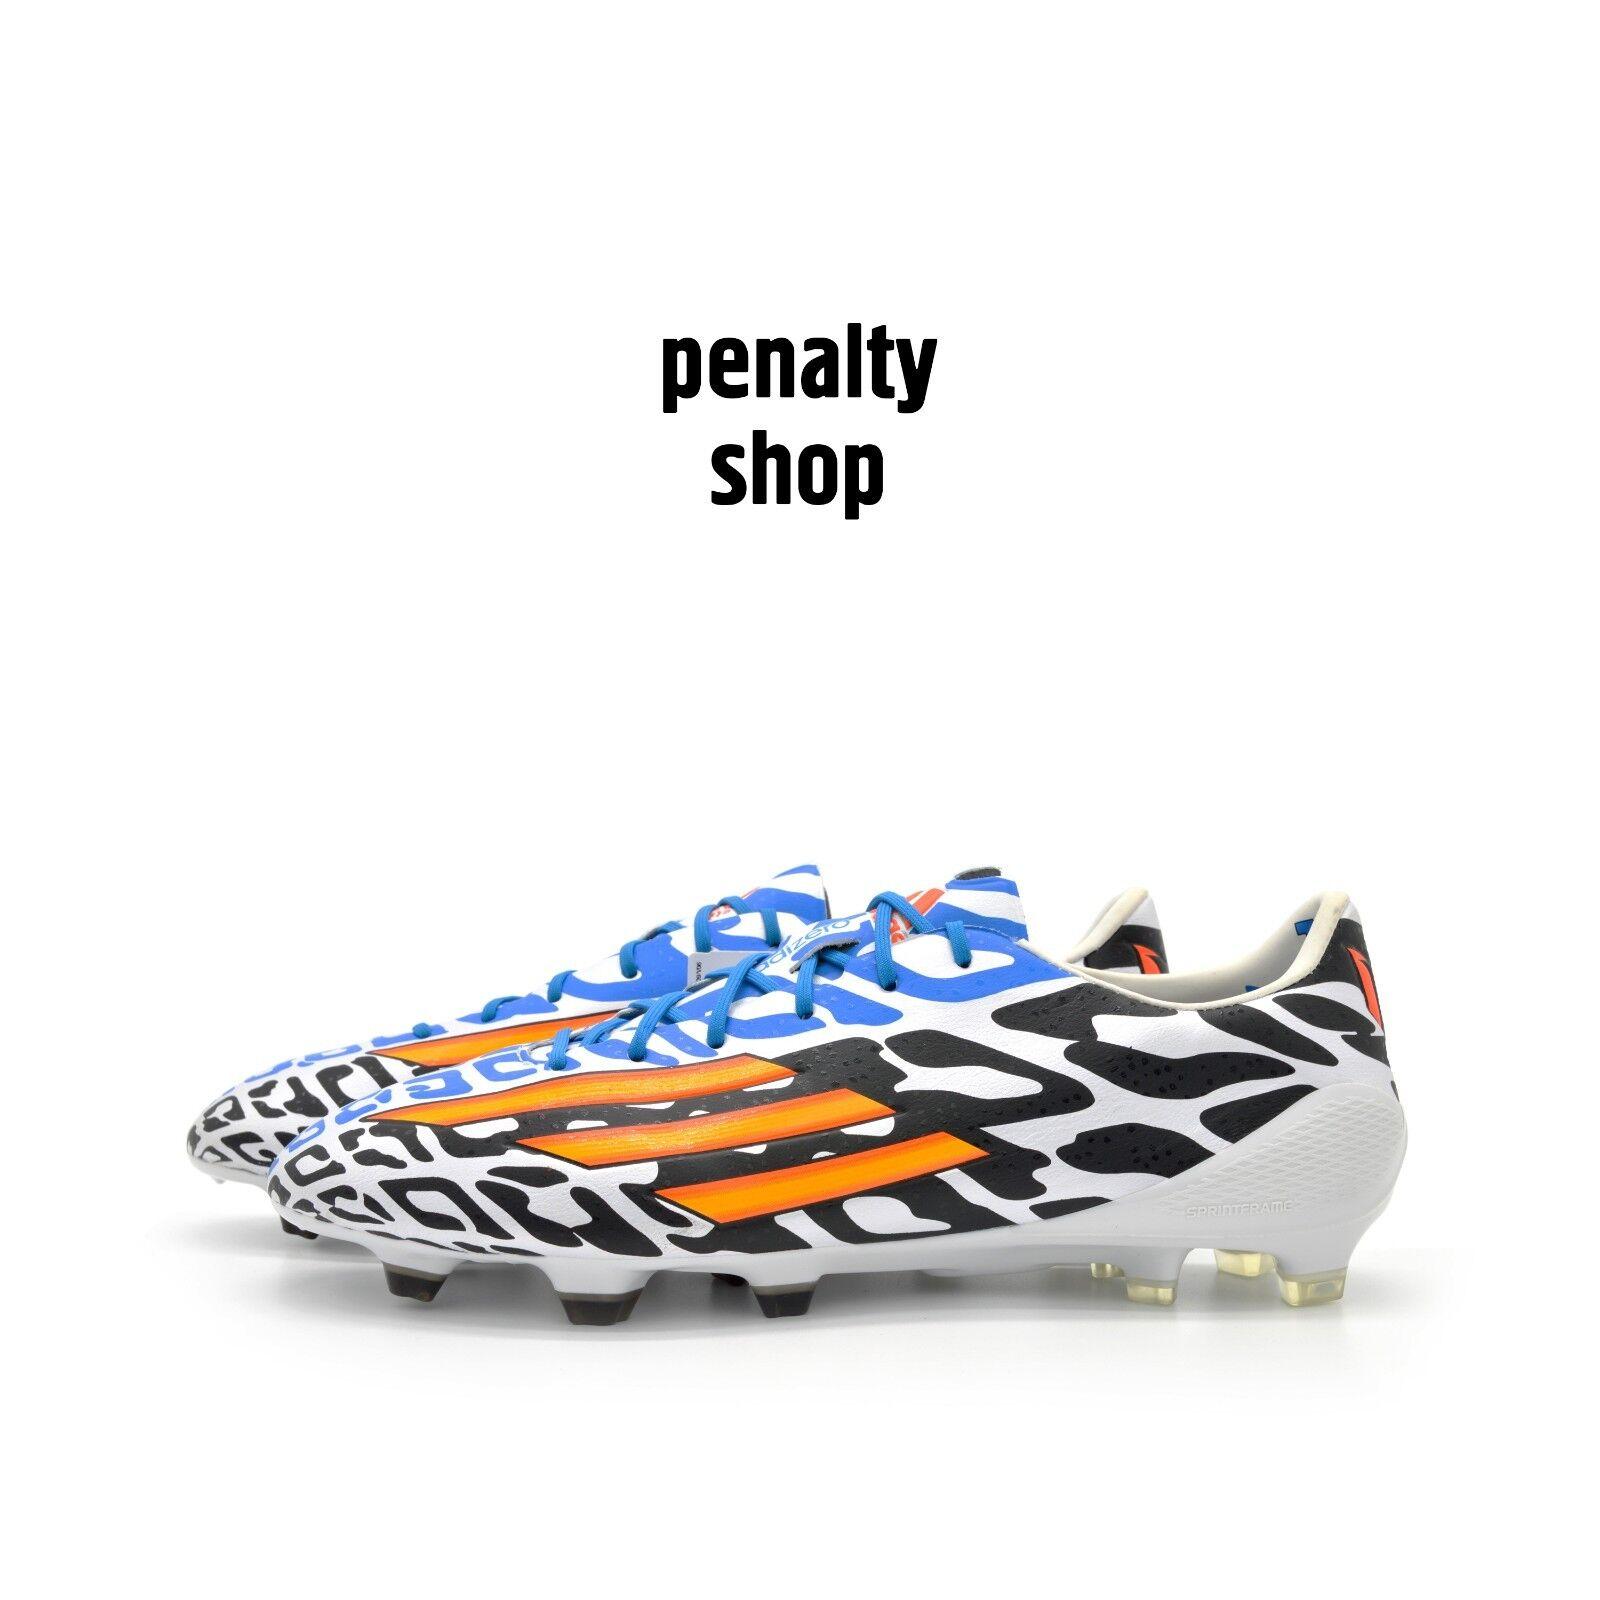 Adidas Adizero F50 Messi Fg M19855 FIFA World Cup 2014 Rara Edición Limitada